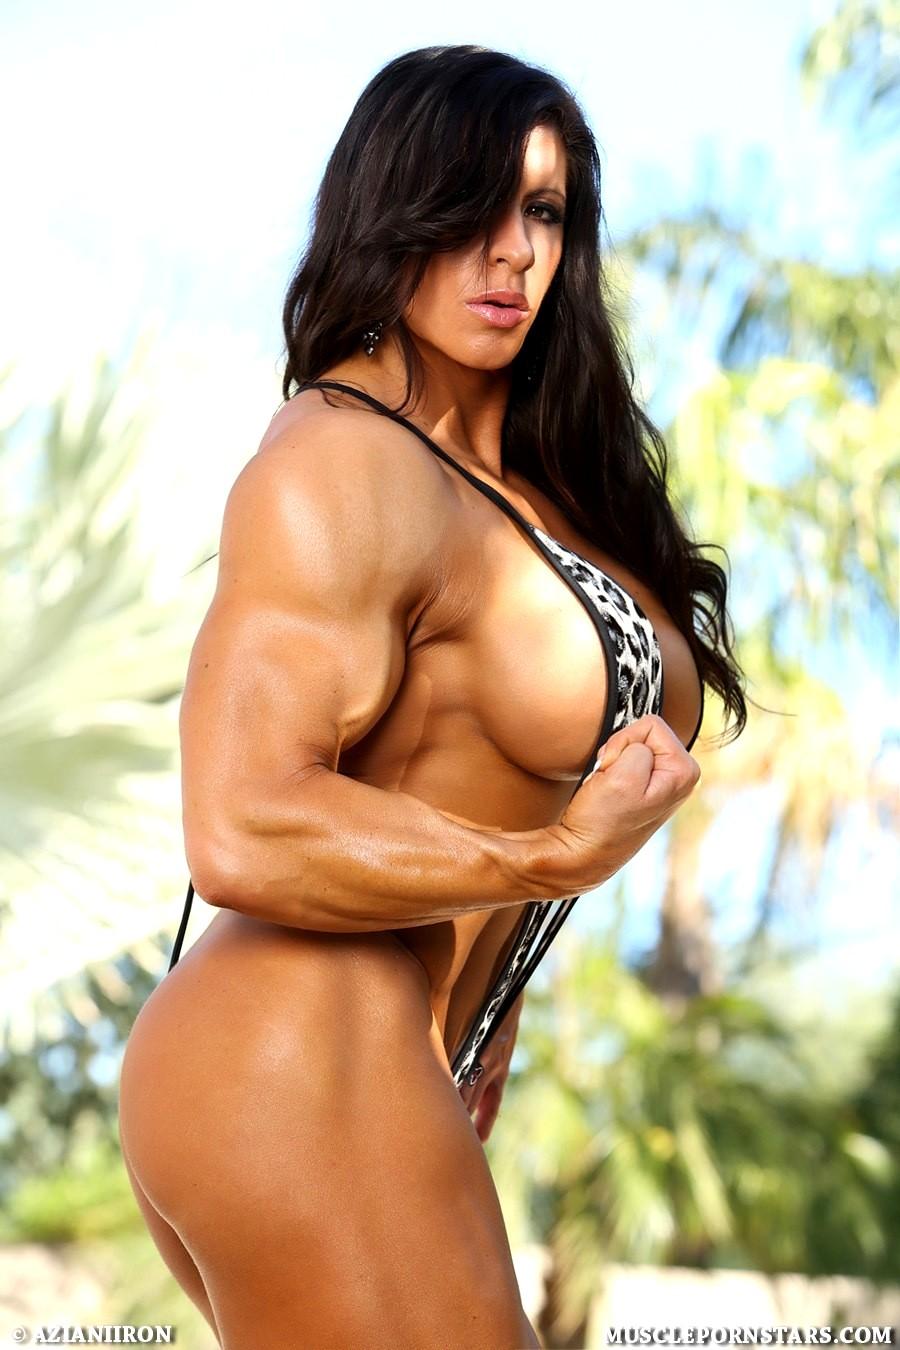 Azianiiron Angela Salvagno Sexhab Amazon Muscle Woman -6677